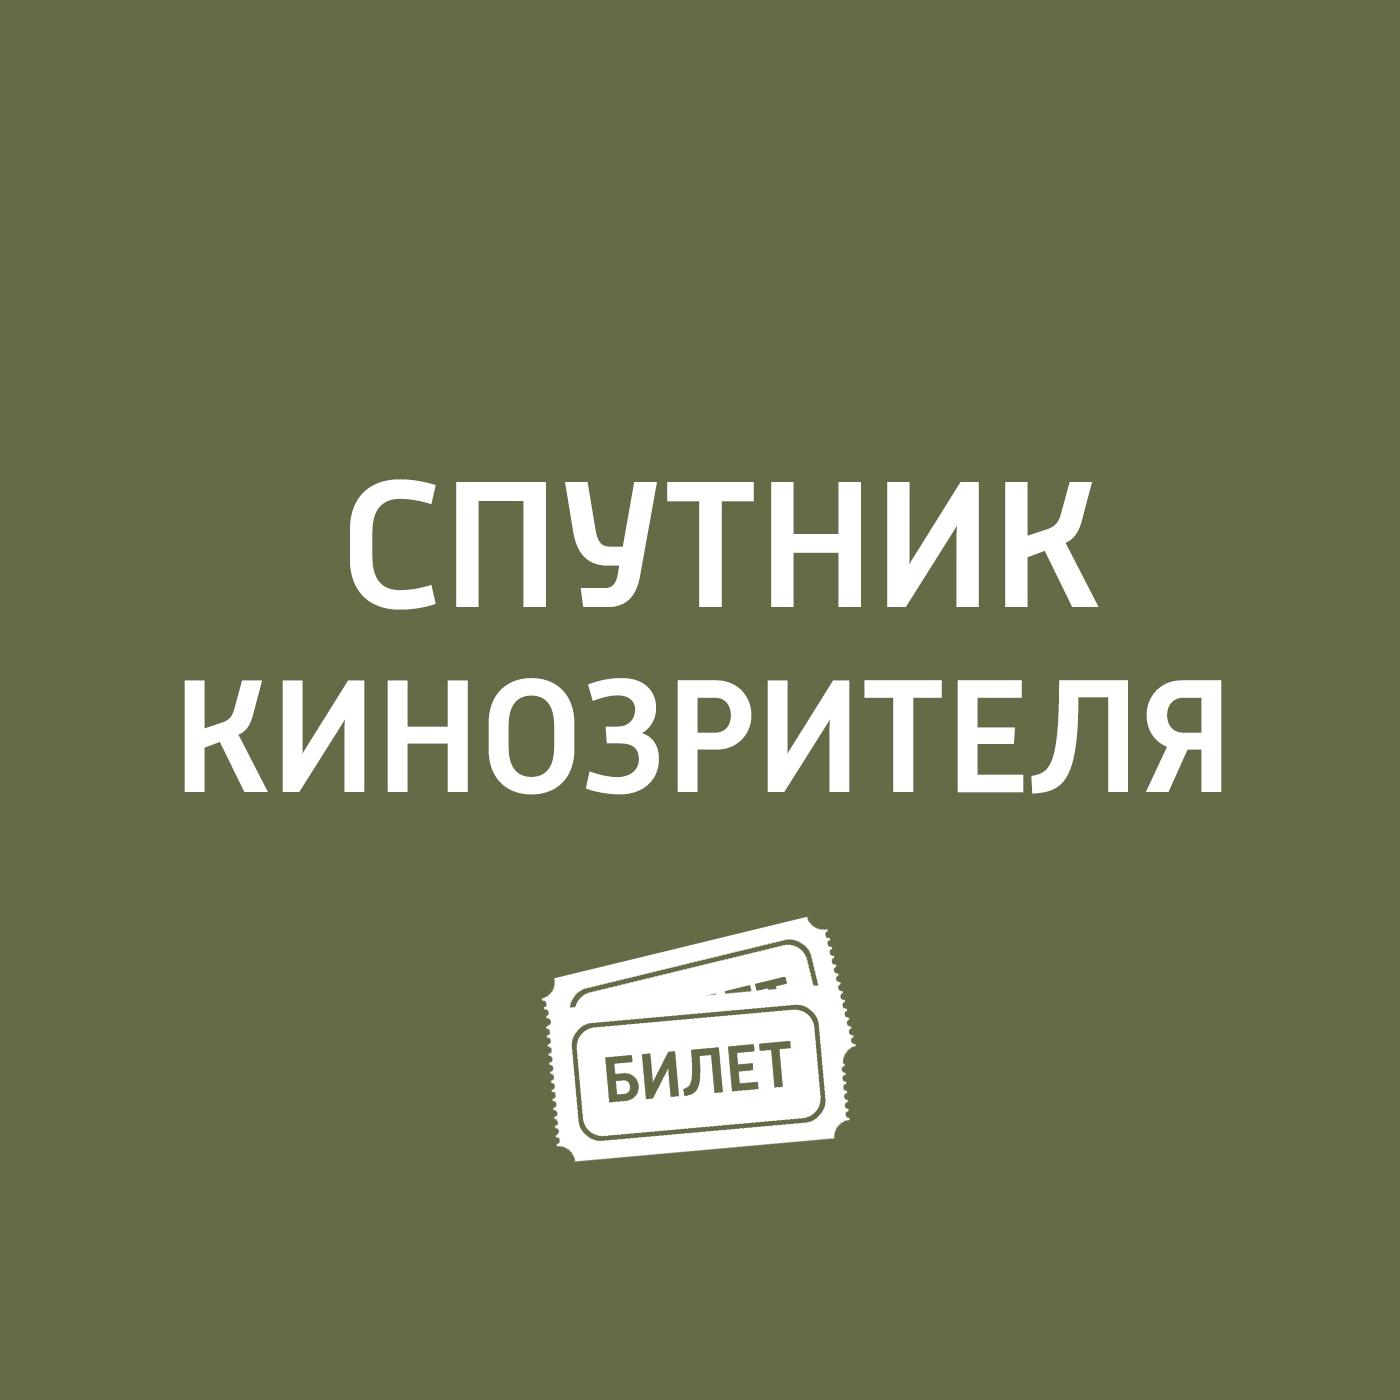 Антон Долин Билли Уайлдер уайлдер торнтон теофил норт